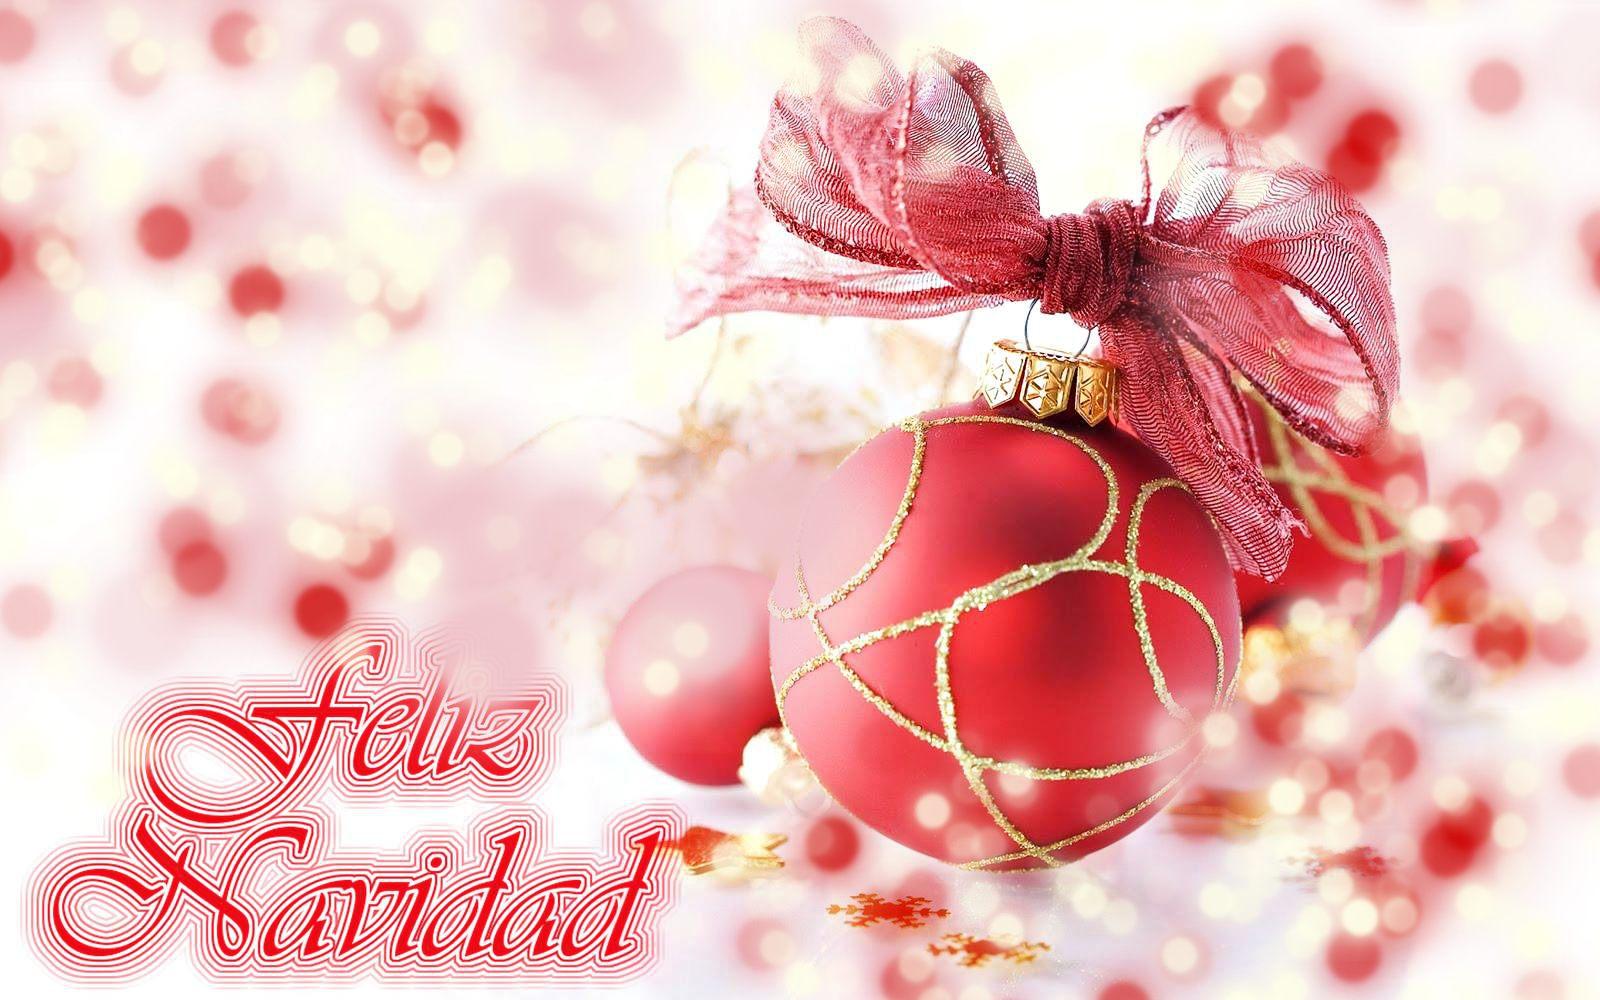 Tarjetas de navidad tarjetas navide as para felicitar las - Videos de navidad para enviar ...